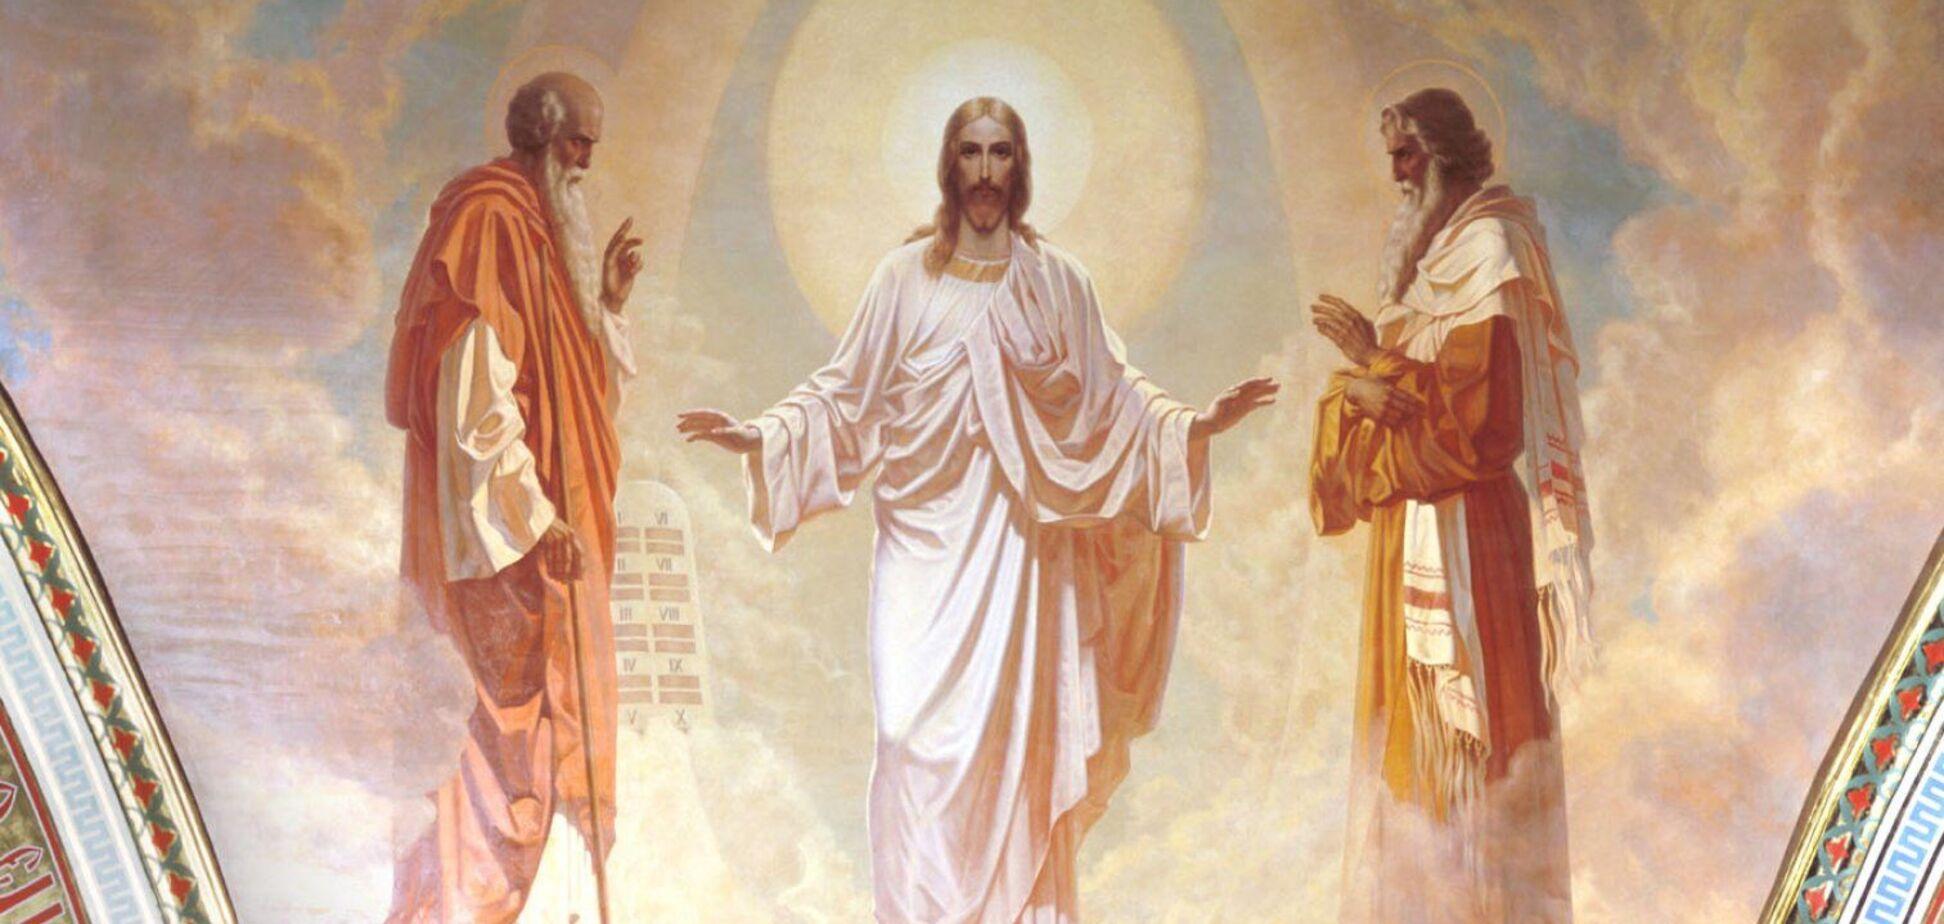 Преображение Господне относится к двунадесятым праздникам (важнейшим после Пасхи)